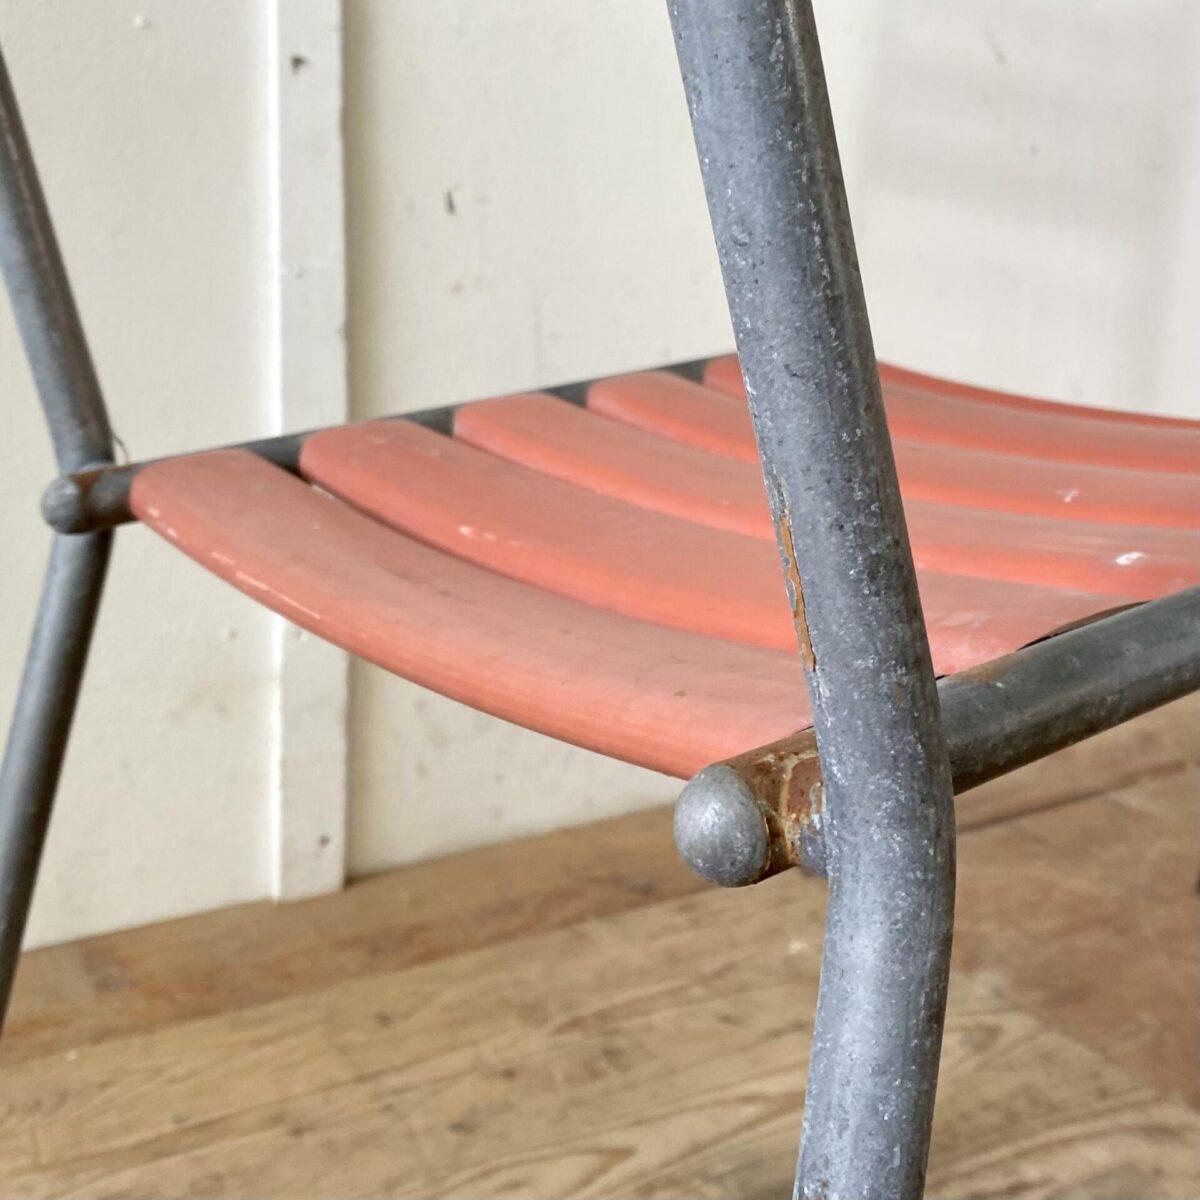 Deuxieme.shop vintage Bigla Bättig swissdesign designklassiker. Kleiner klappbarer Metall Gartentisch von Bigla. 100x70cm Höhe 70.5cm. Der Tisch hat ein kompaktes Format für bis zu 4 Personen. Übliche Alterserscheinung, keine Durchrostungen. Die stapelbaren Gartenstühle von Bättig kosten 220.- Die rot-orangen Kunststoff Lättli sind etwas Sonnenverbleicht aber nicht weisslich. Ein paar Roststellen am Metall Gestell aber alles stabil, Fussgleiter müssten ersetzt werden falls nötig.